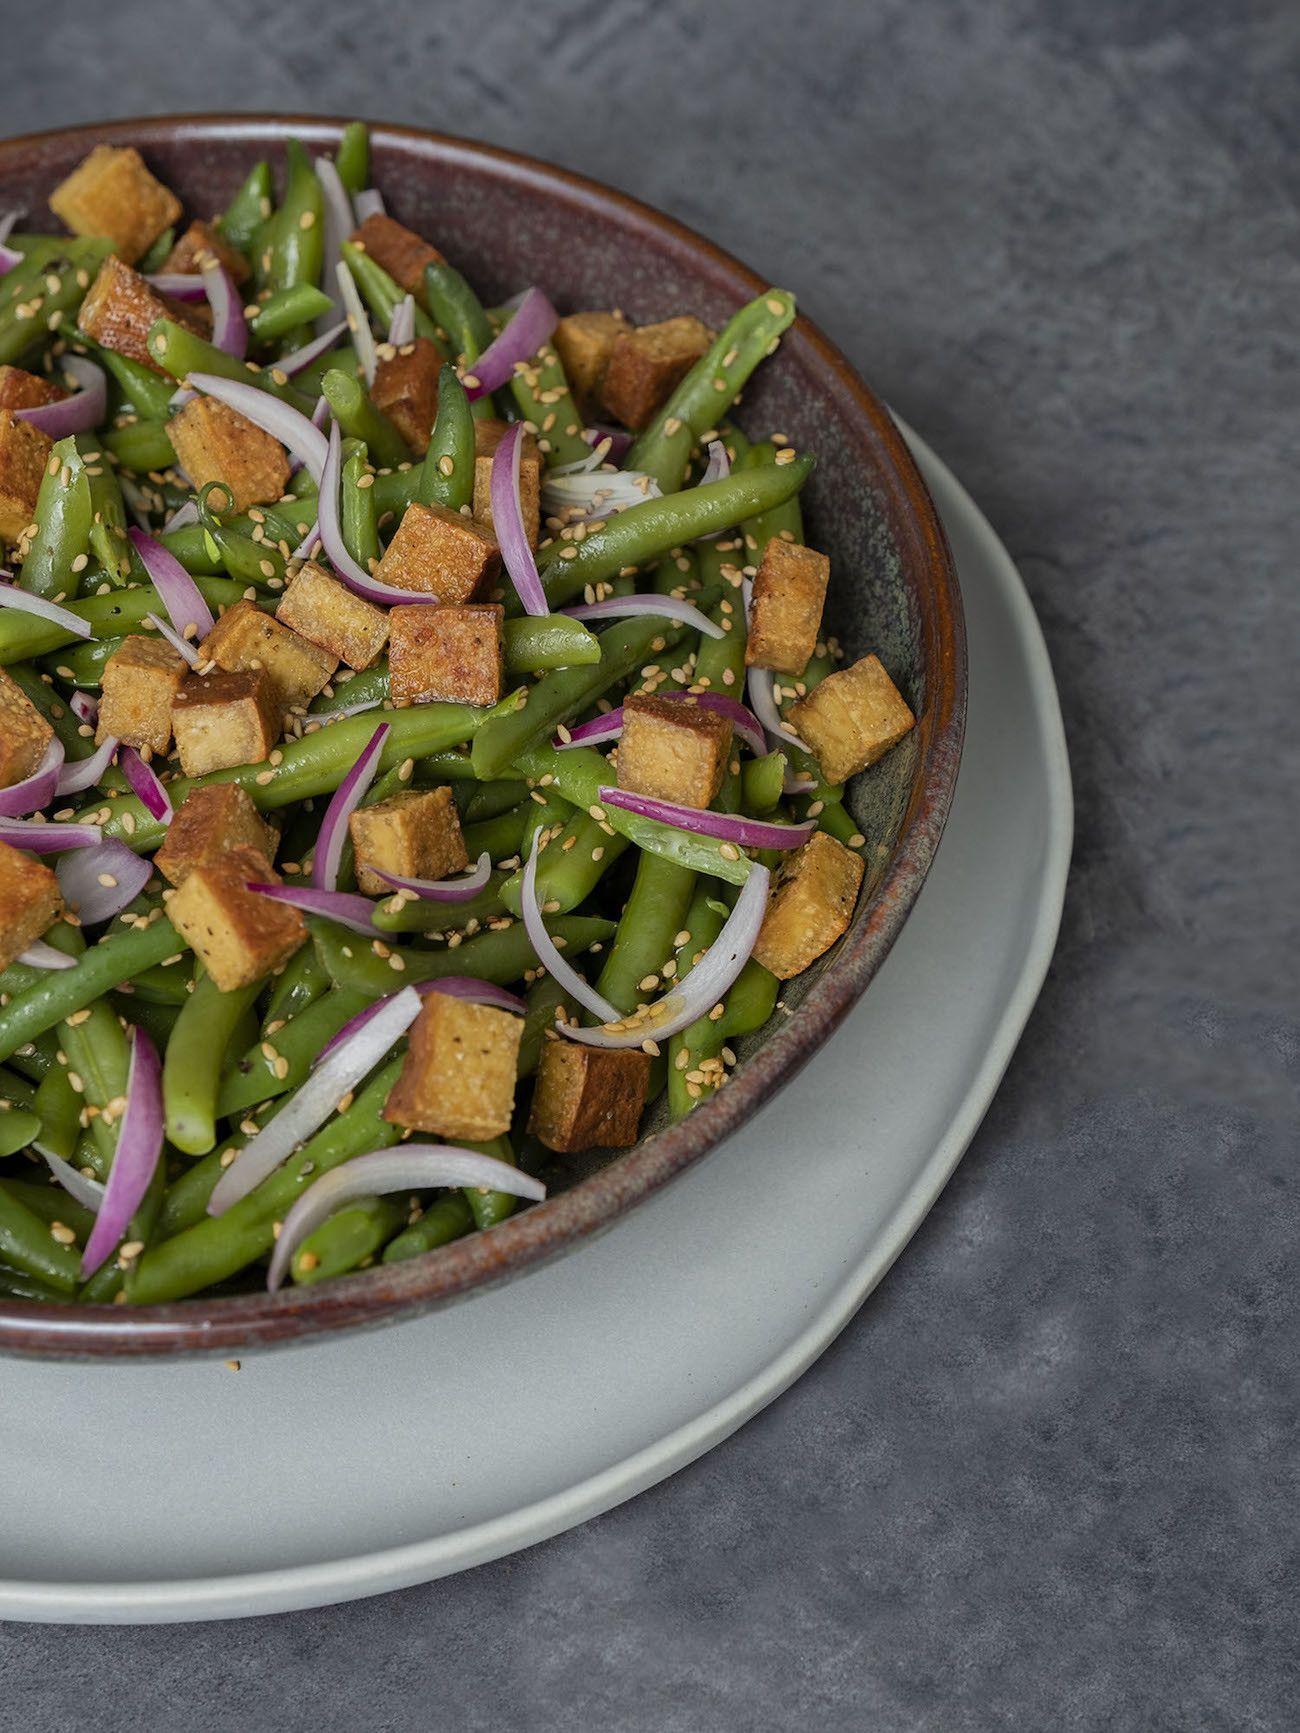 Foodblog, About Fuel, Rezept, Stangenbohnensalat mit geräuchertem Tofu, Sesam und roten Zwiebeln, Teller, Vegan, Sesam